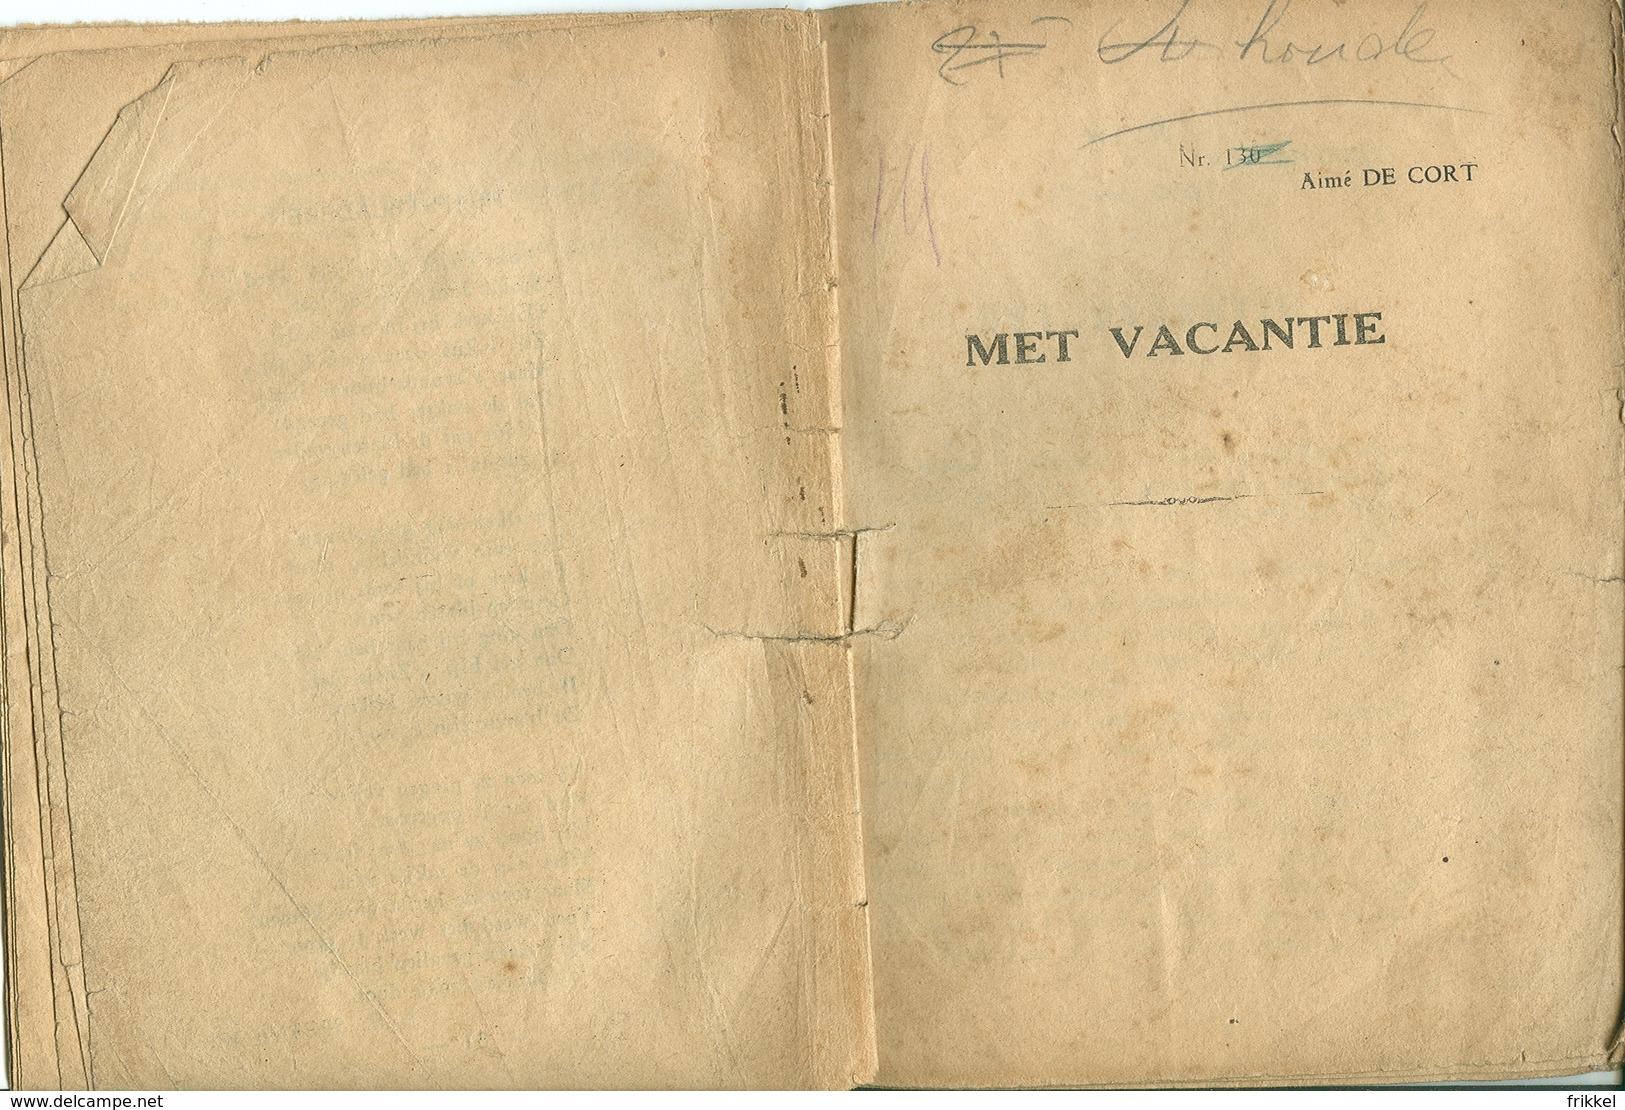 Met Vacantie Aimé De Cort Nr 130 - Antique